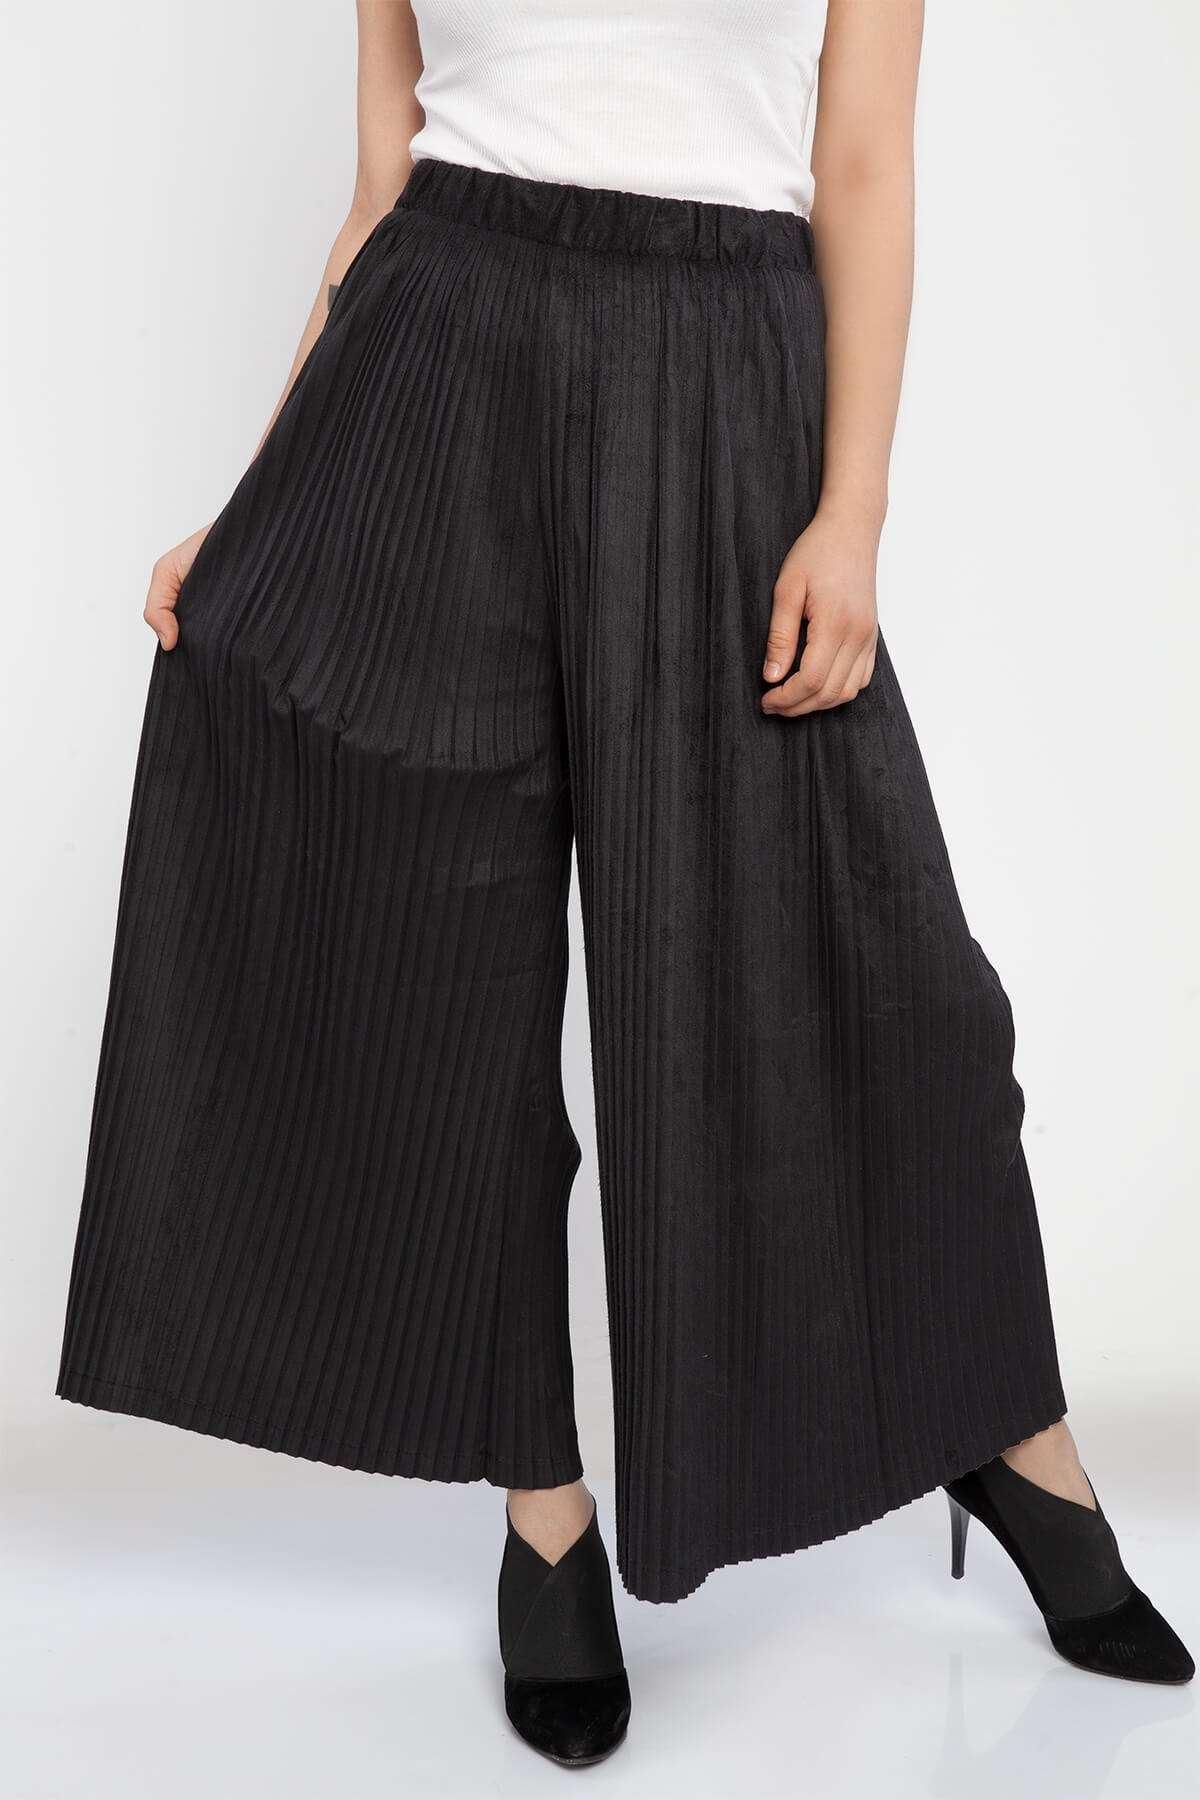 Pliseli Geniş Kadife Pantolon Siyah